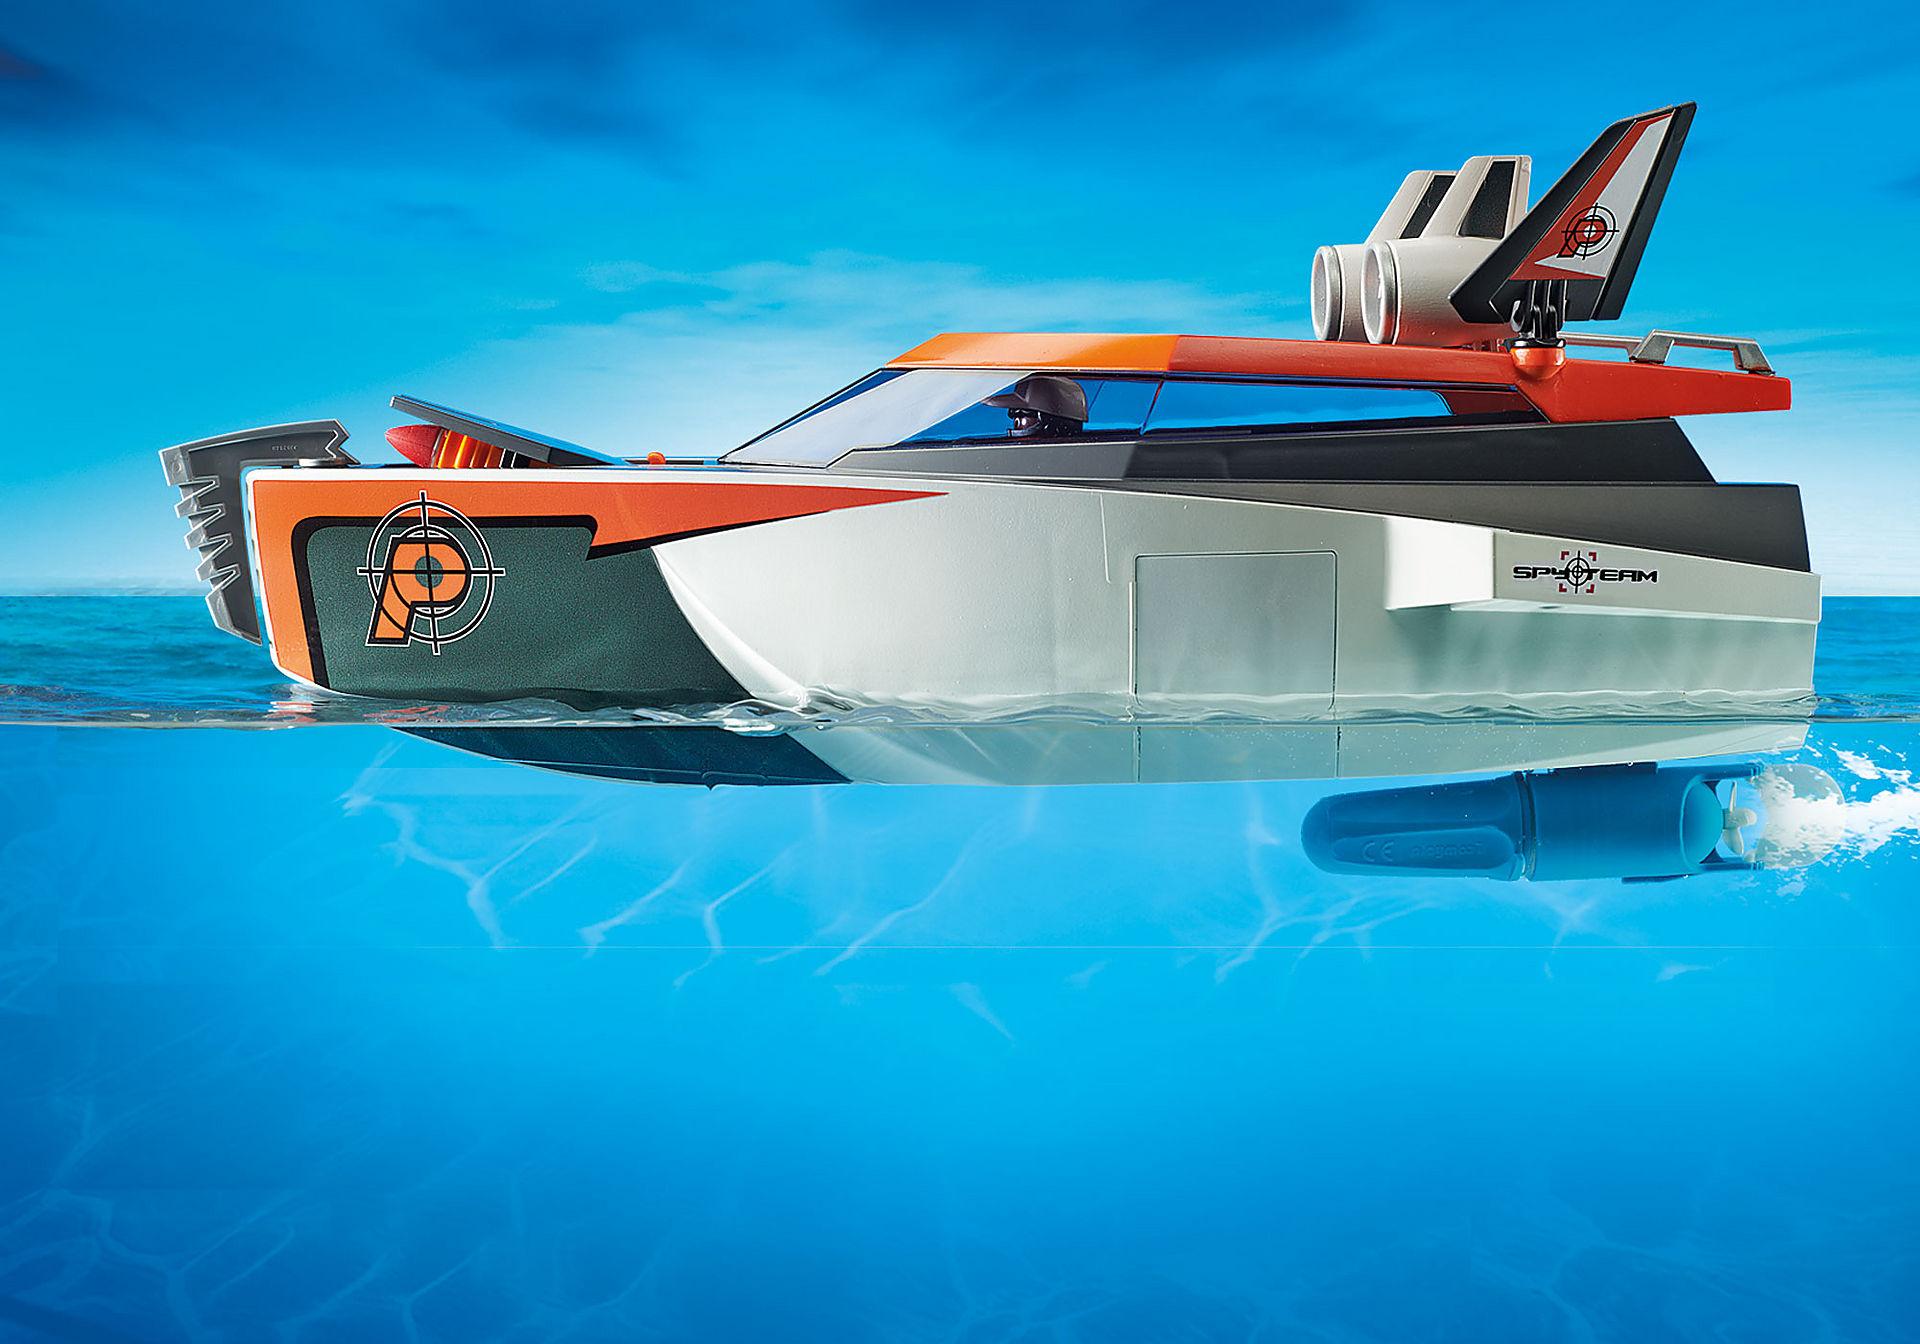 70002 Κατασκοπευτικό σκάφος της Spy Team zoom image5